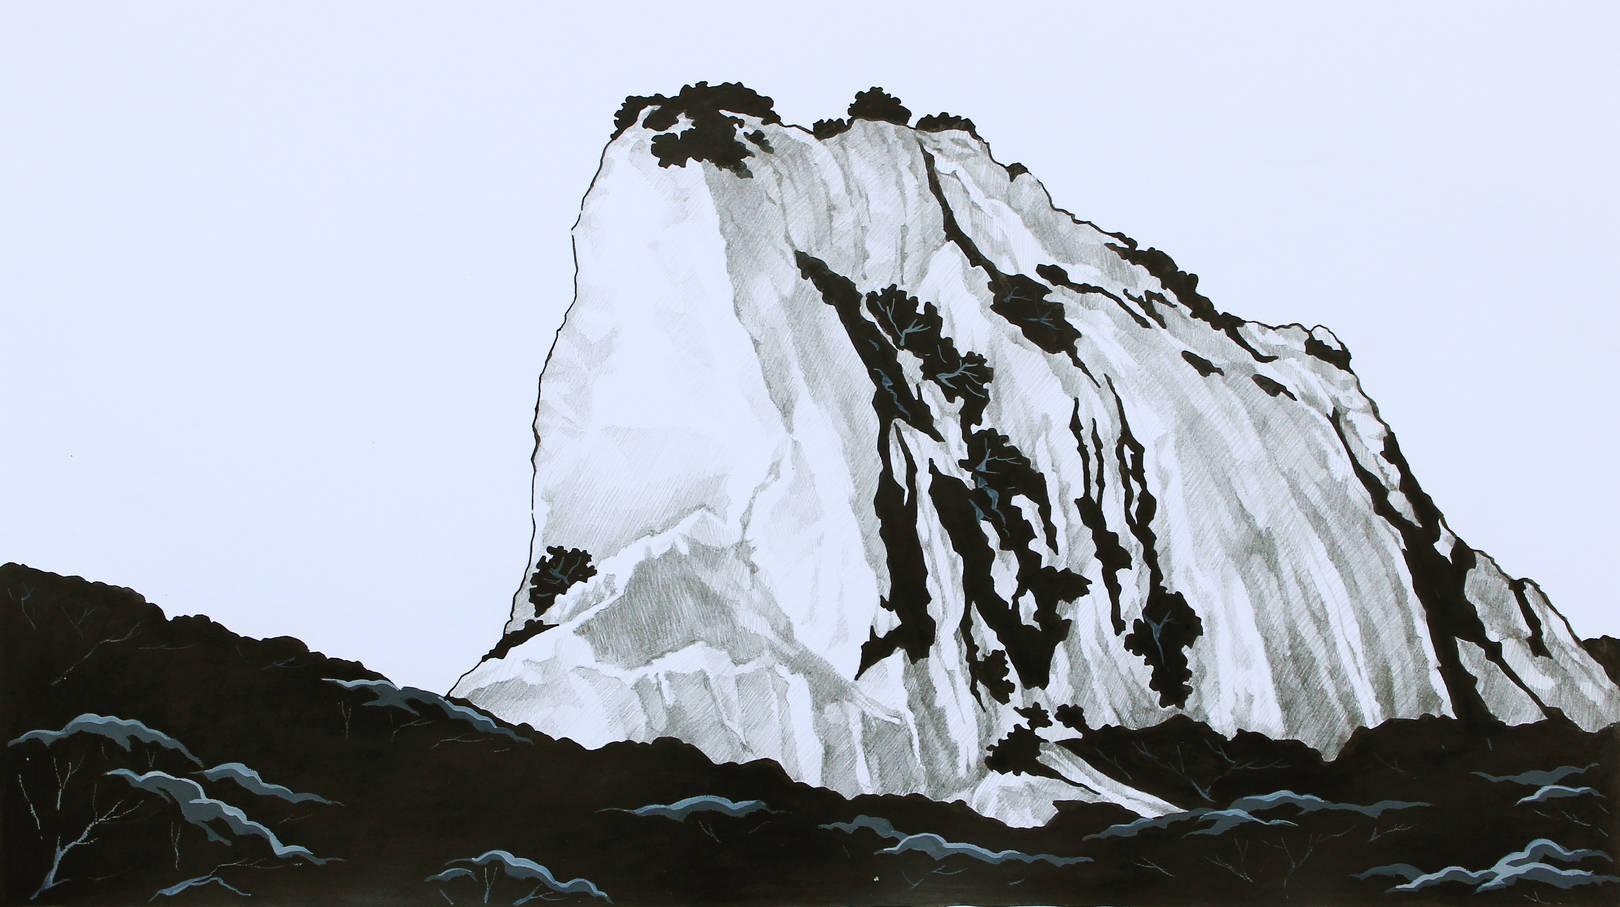 Гора Медовая. Бумага, тушь, карандаш, акрил. 21.5х39см